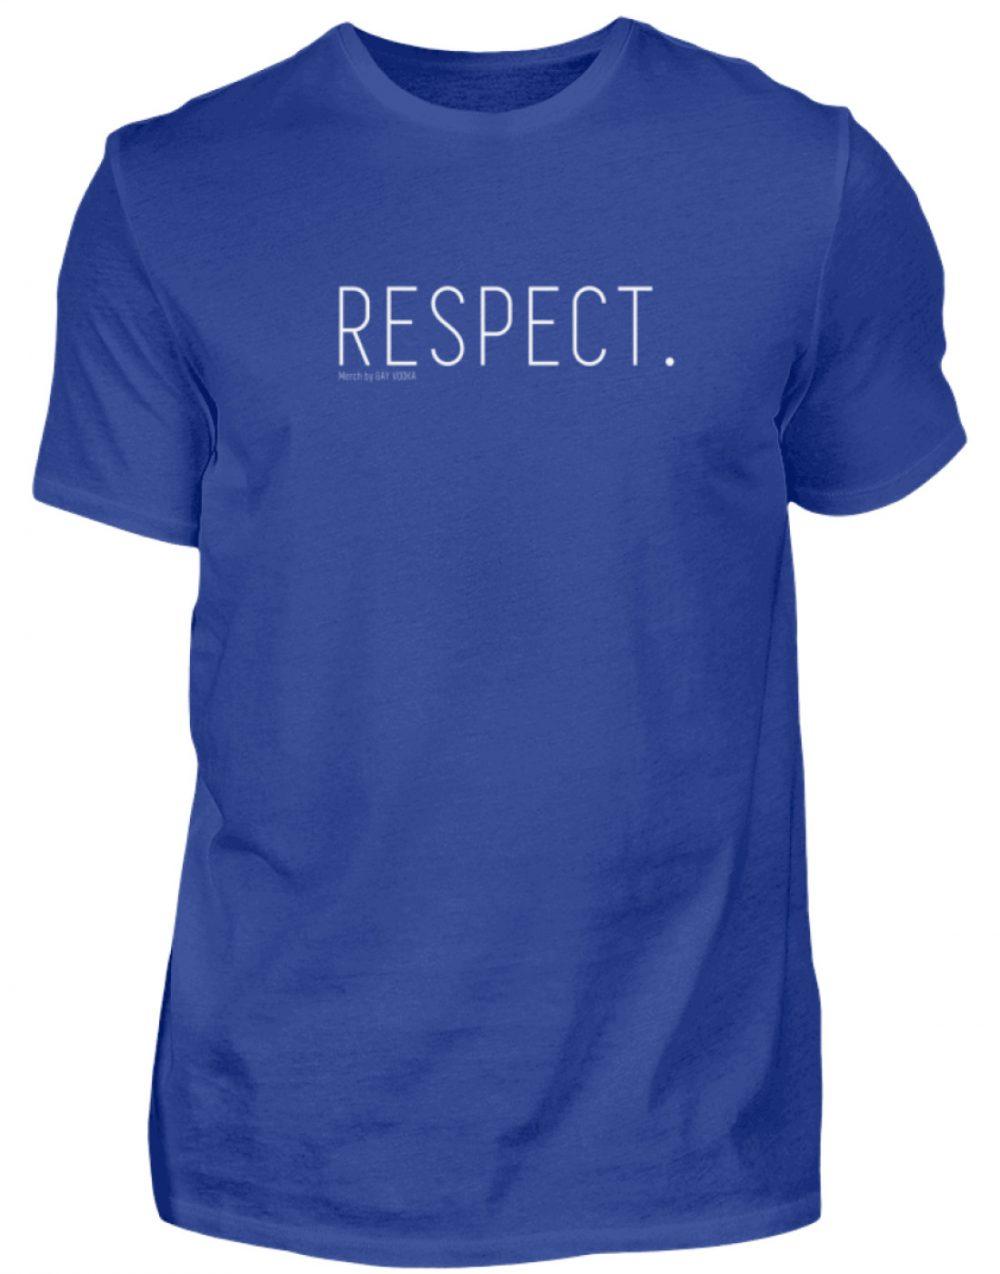 RESPECT. - Herren Premiumshirt-27